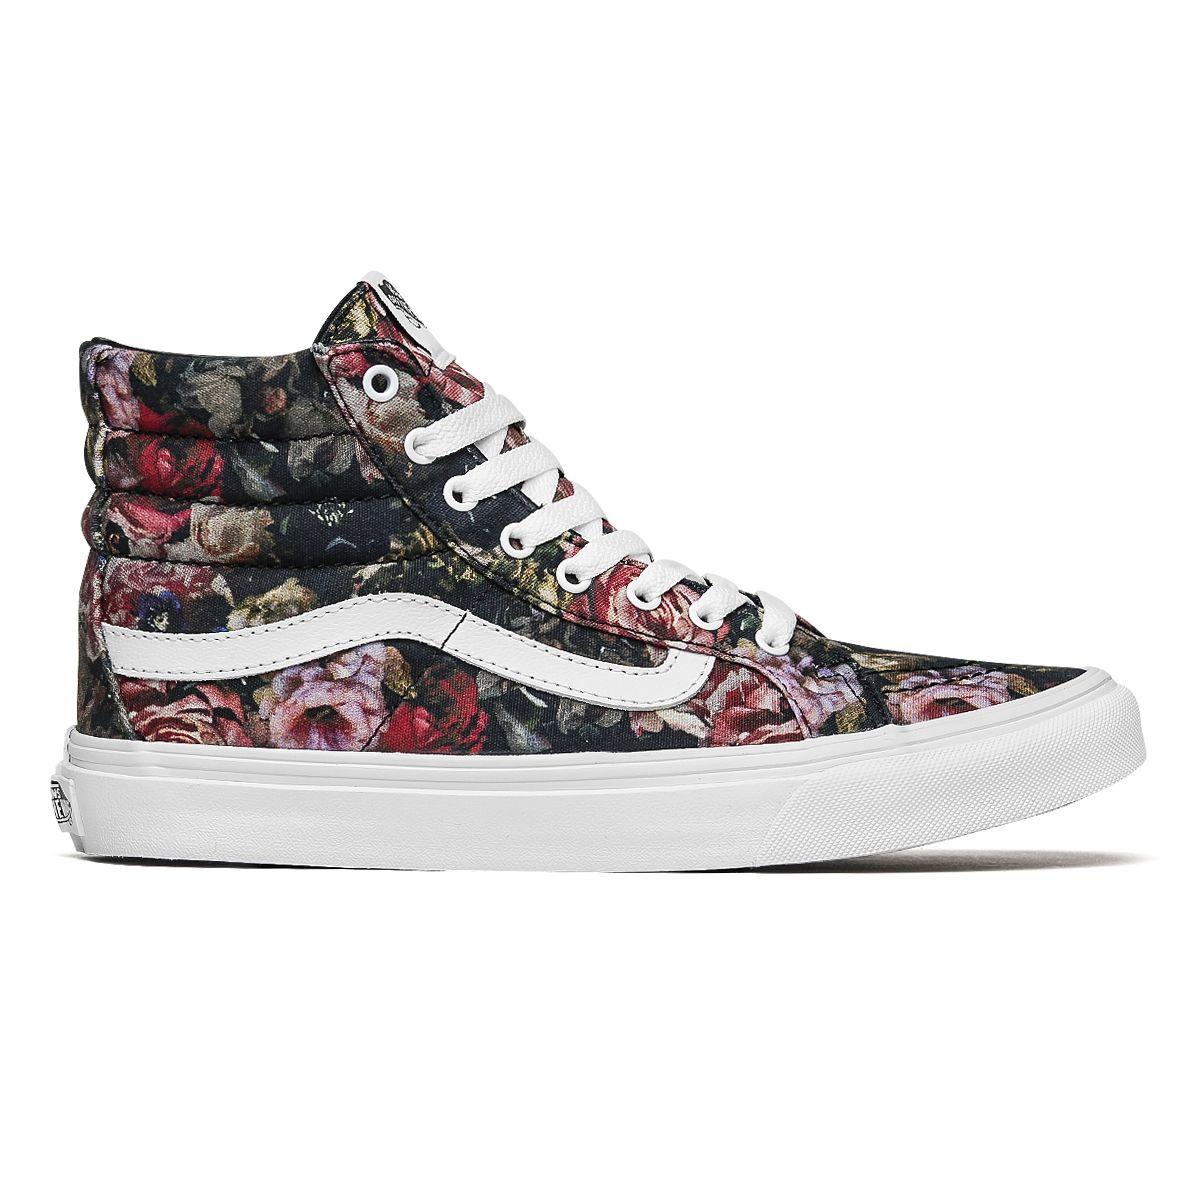 1a2023feec Tênis Vans SK8-HI Moody Floral - Maze  Skate Shop